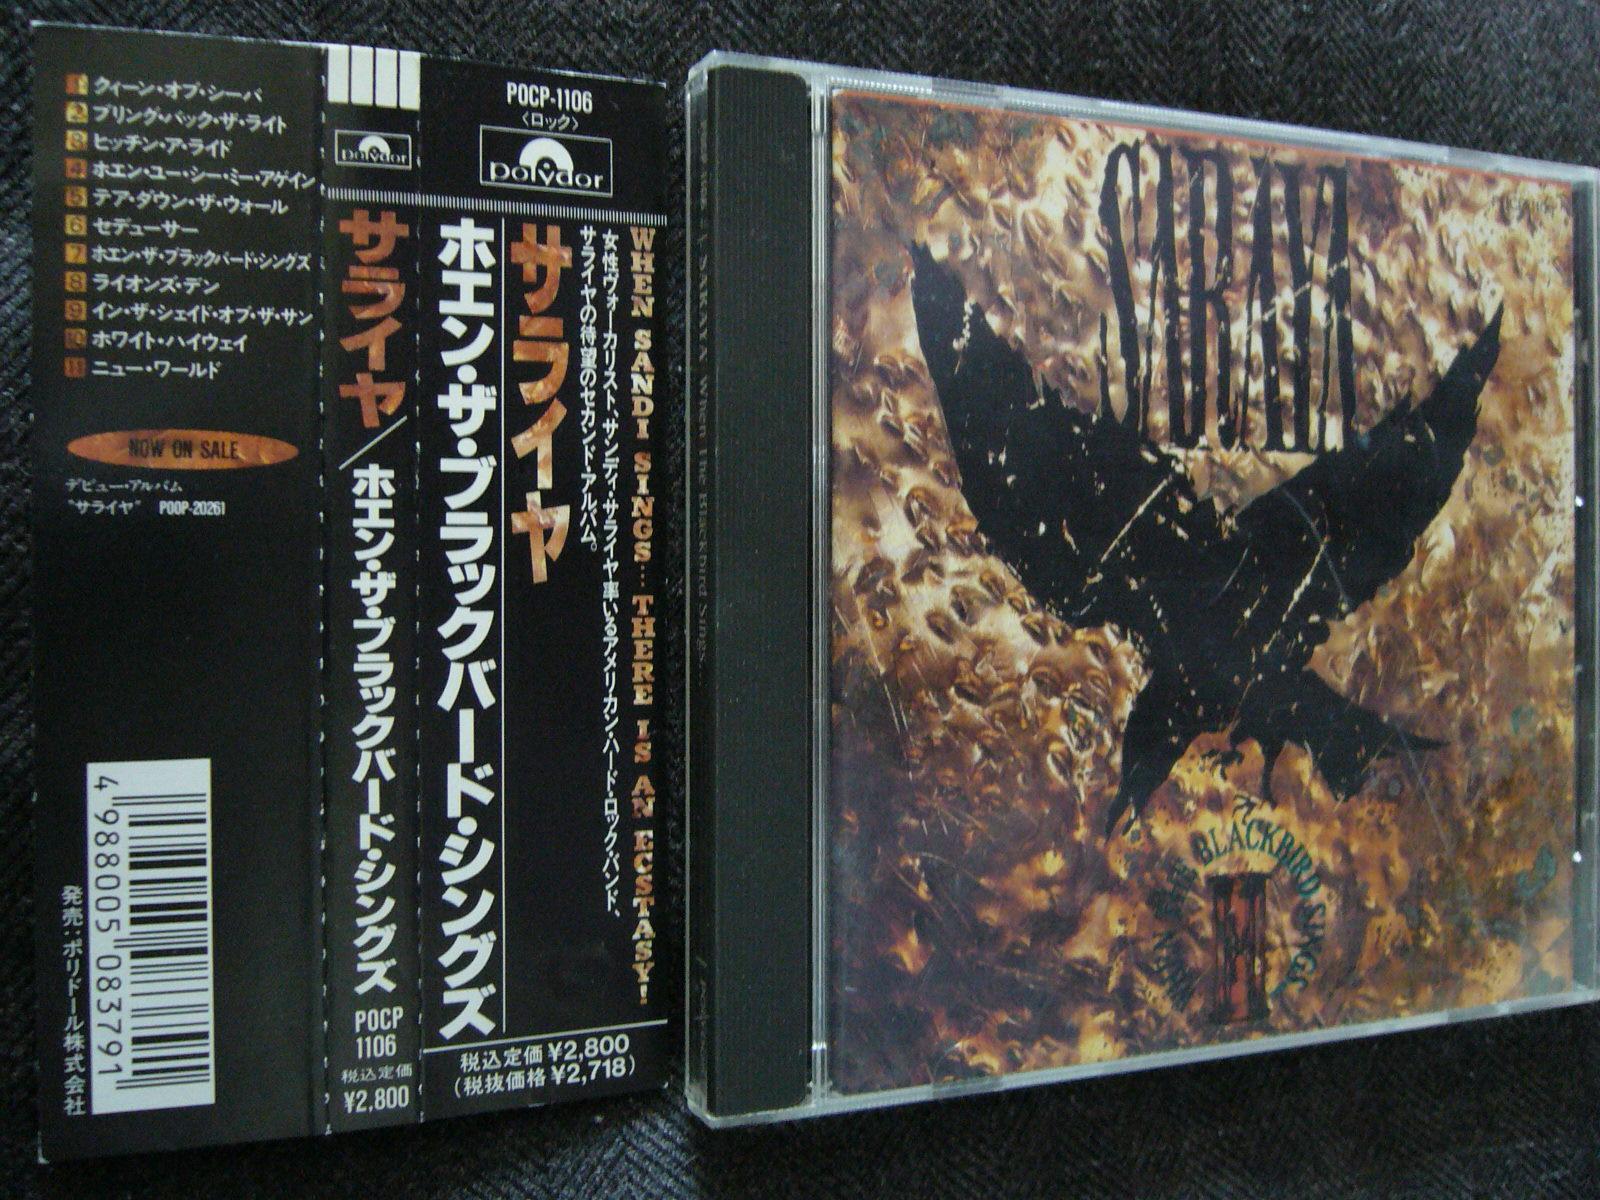 HR/HM廃盤ハンターの猟盤日記:サライヤ/ホエン・ザ・ブラック